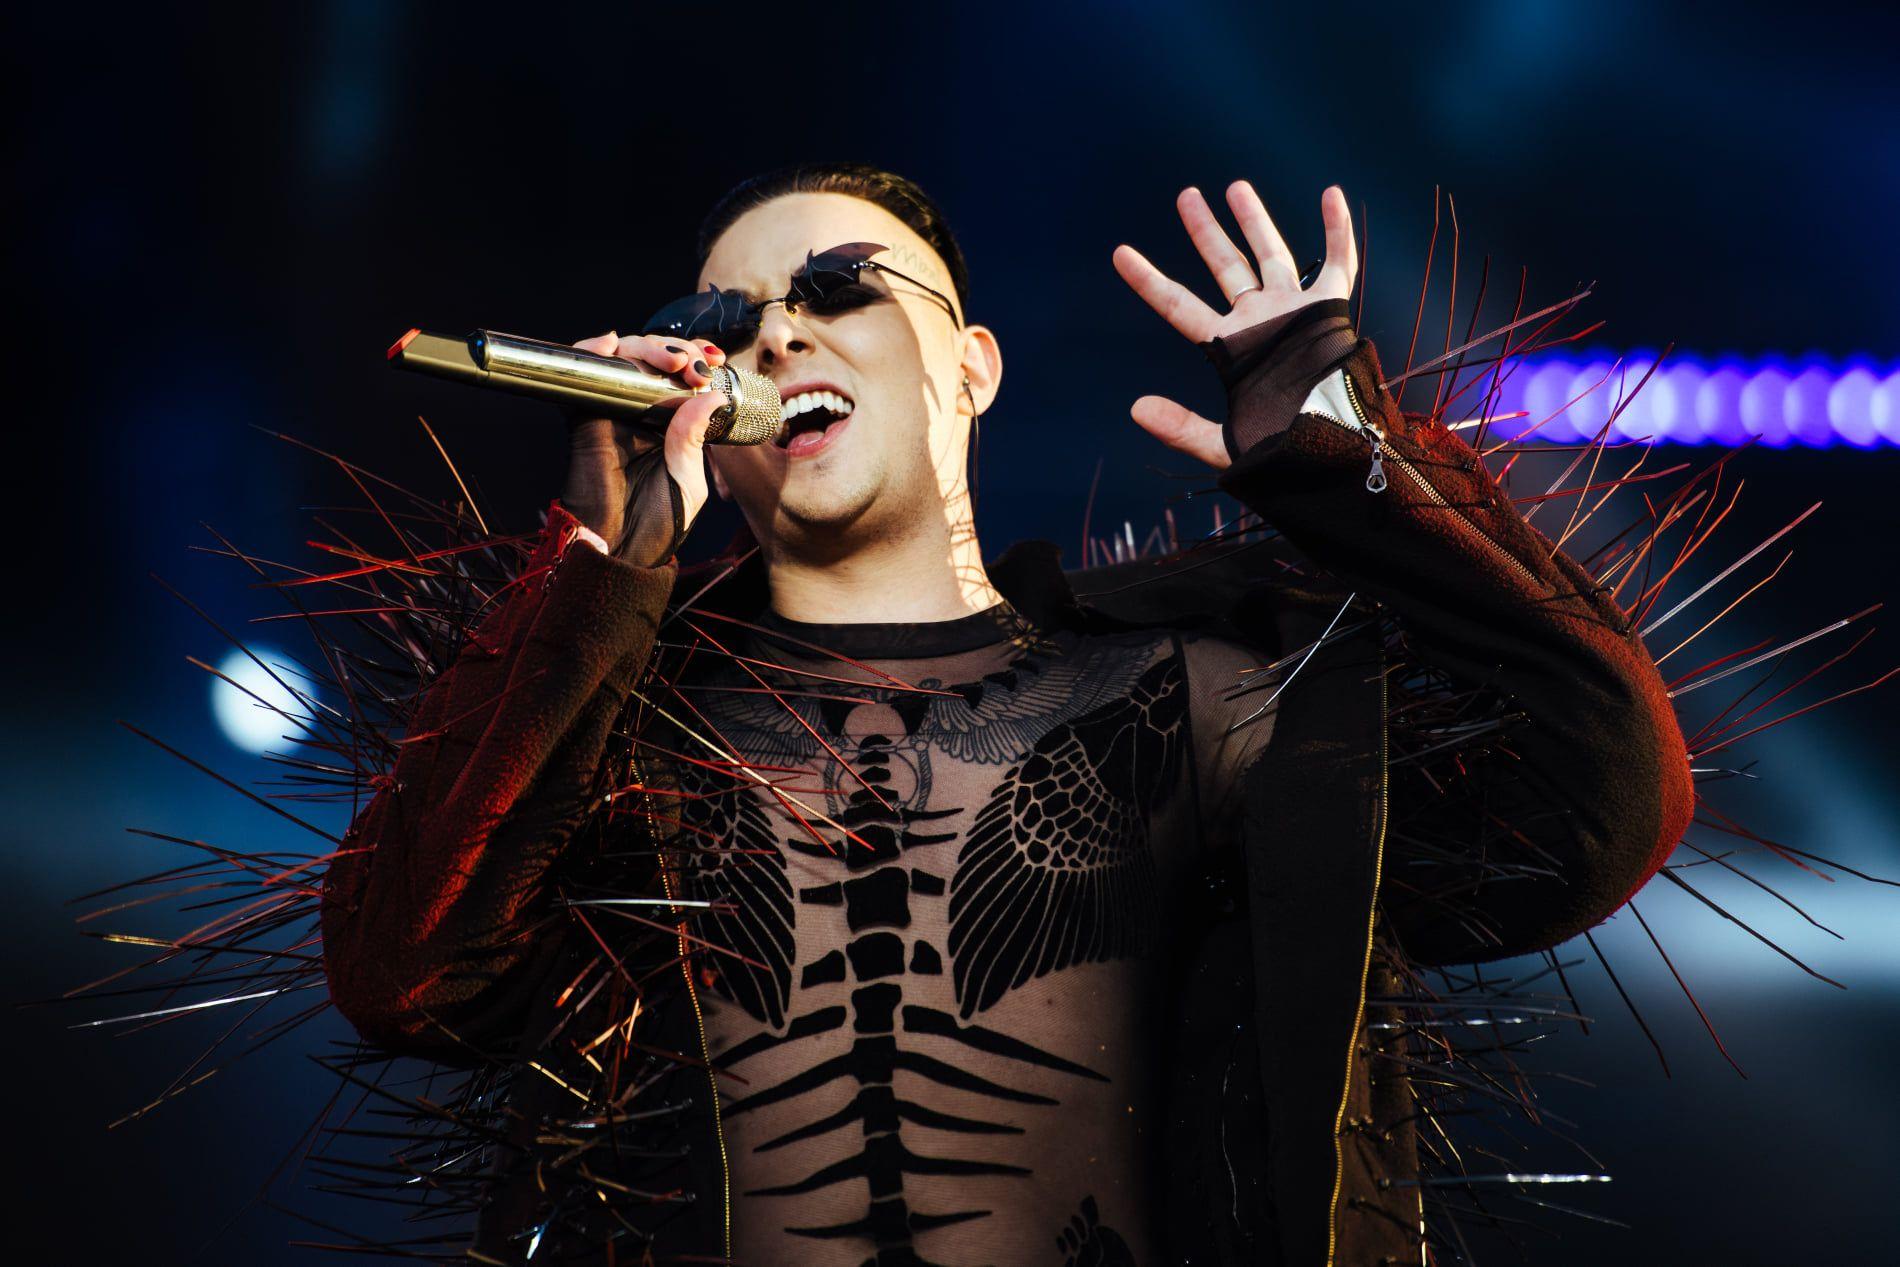 Украинский певец Melovin совершил каминг-аут. Это вырезали из эфира